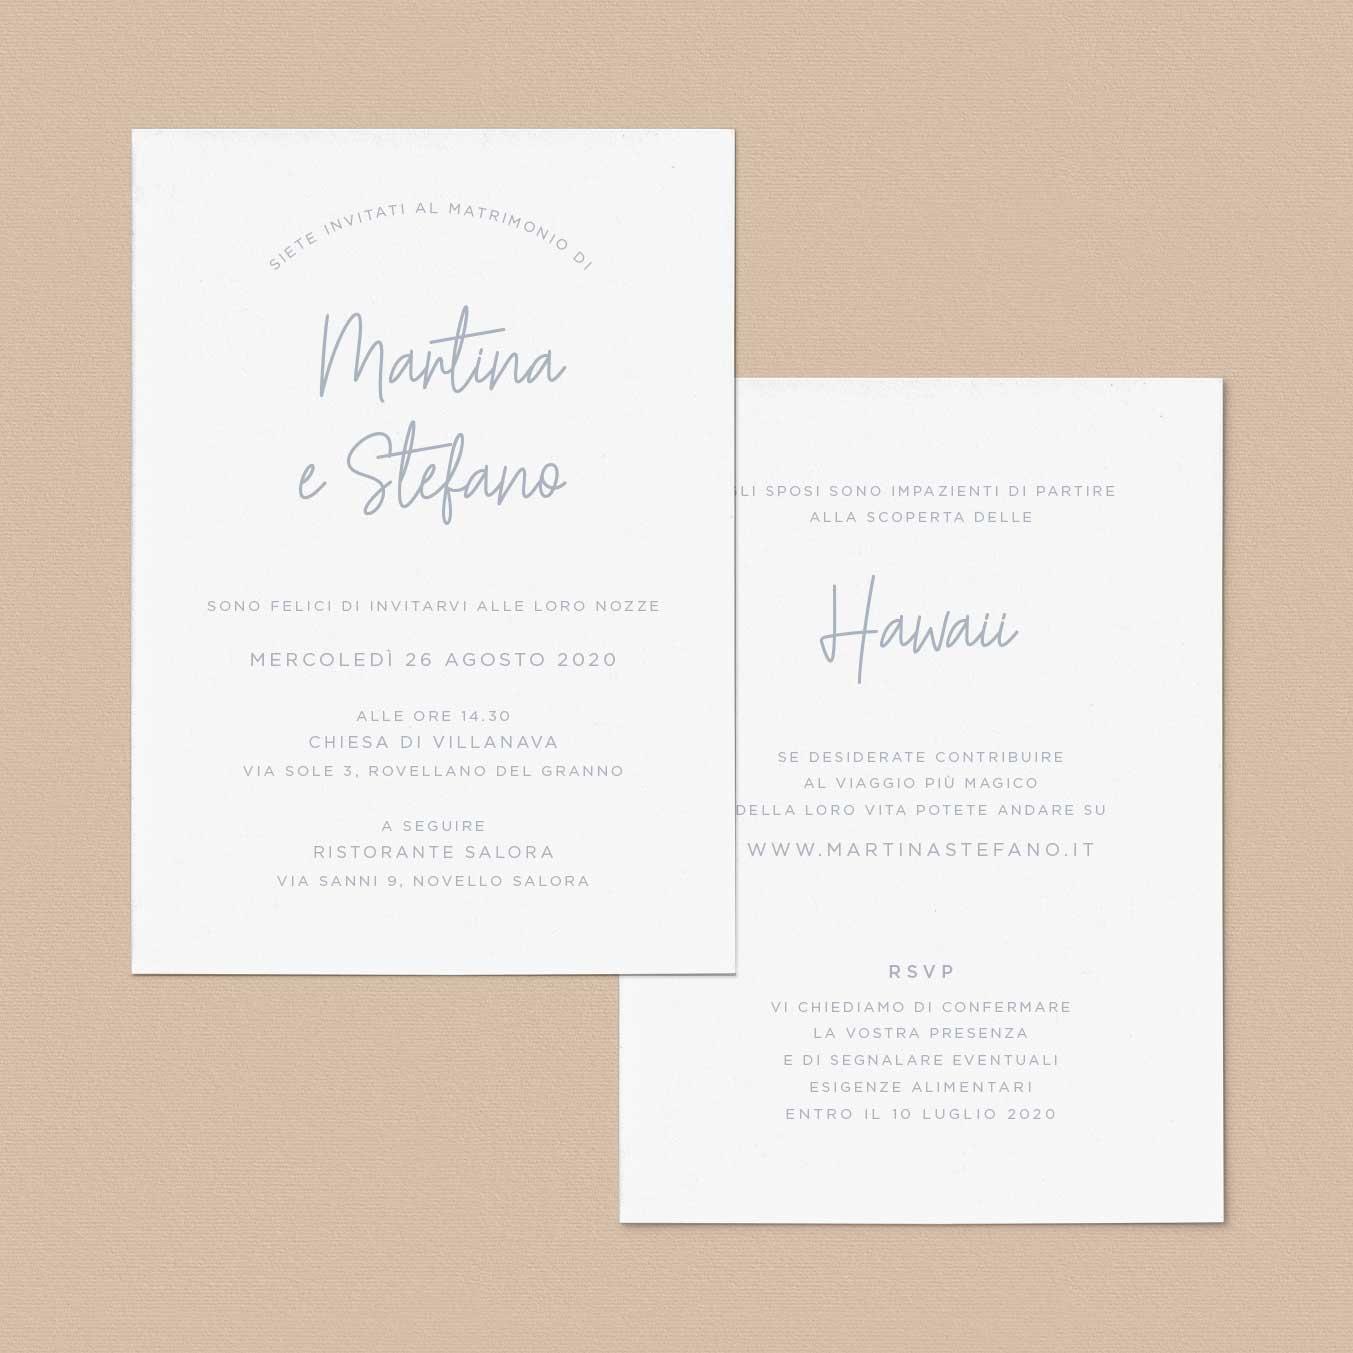 Inviti-nozze-matrimonio-2020-moderne-eleganti-semplice-idea-esempio-modelli